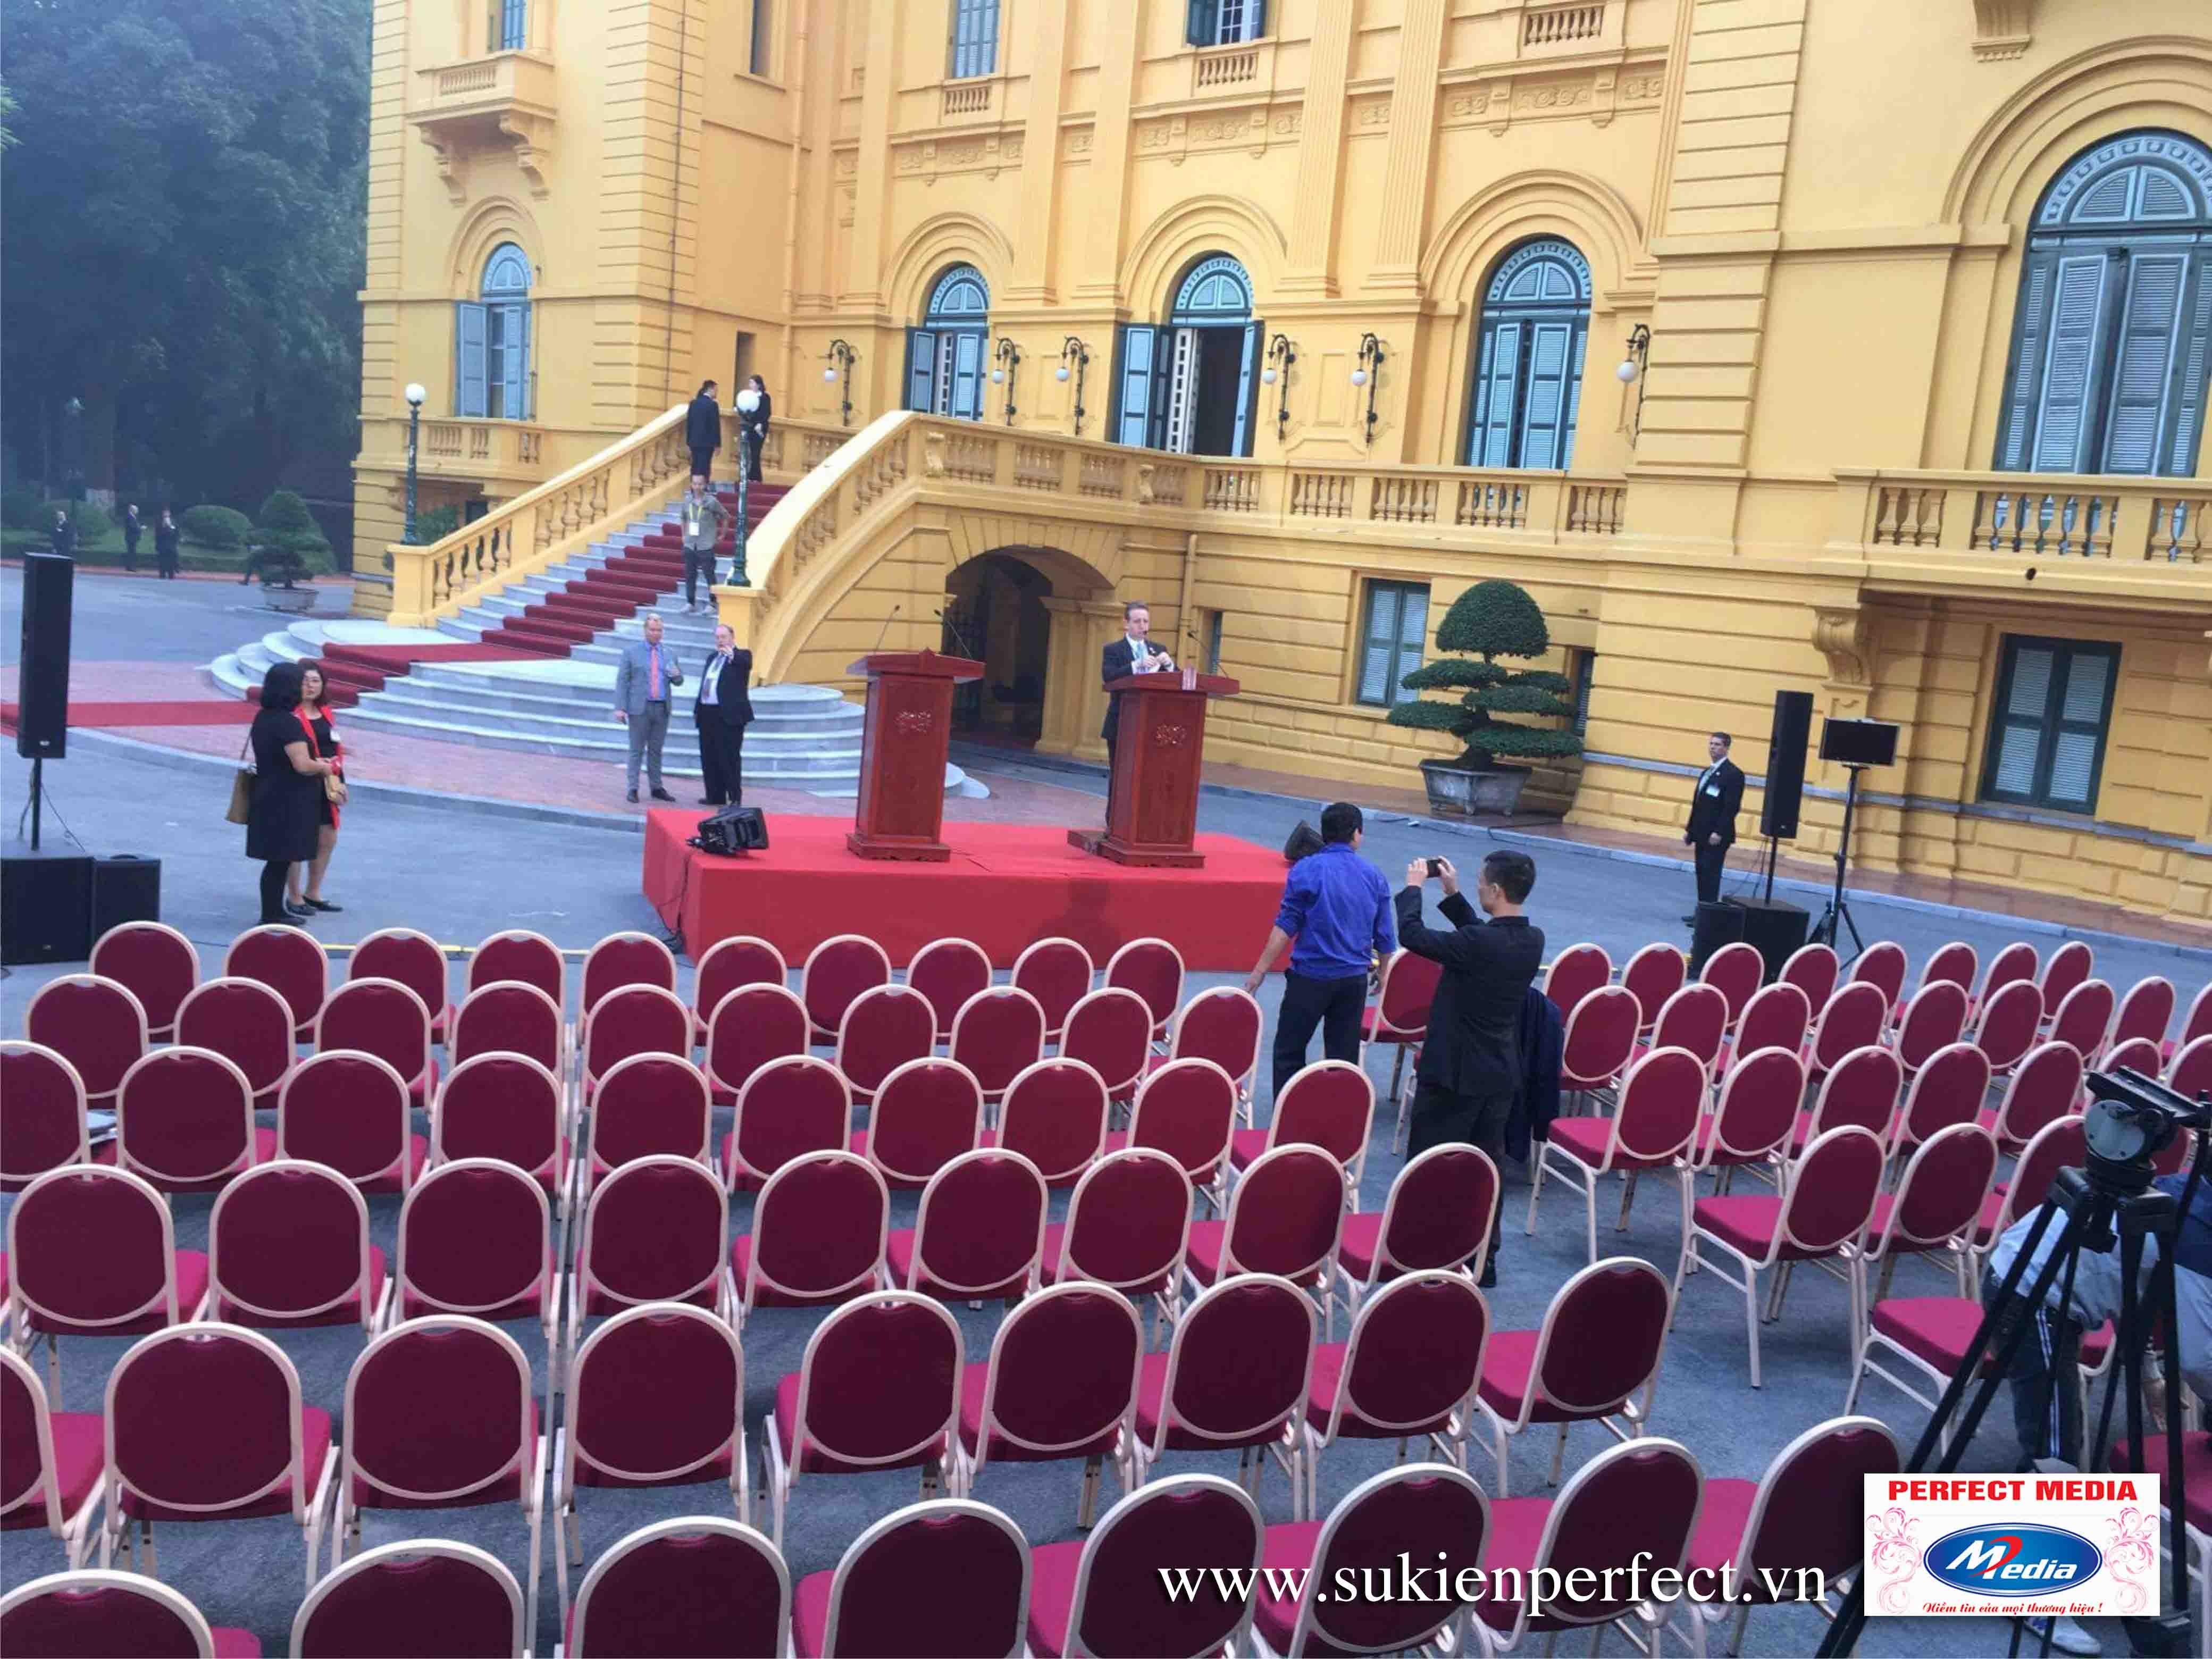 Cho thuê trang thiết bị sự bàn ghế, sân khấu sự kiện tại hà nội